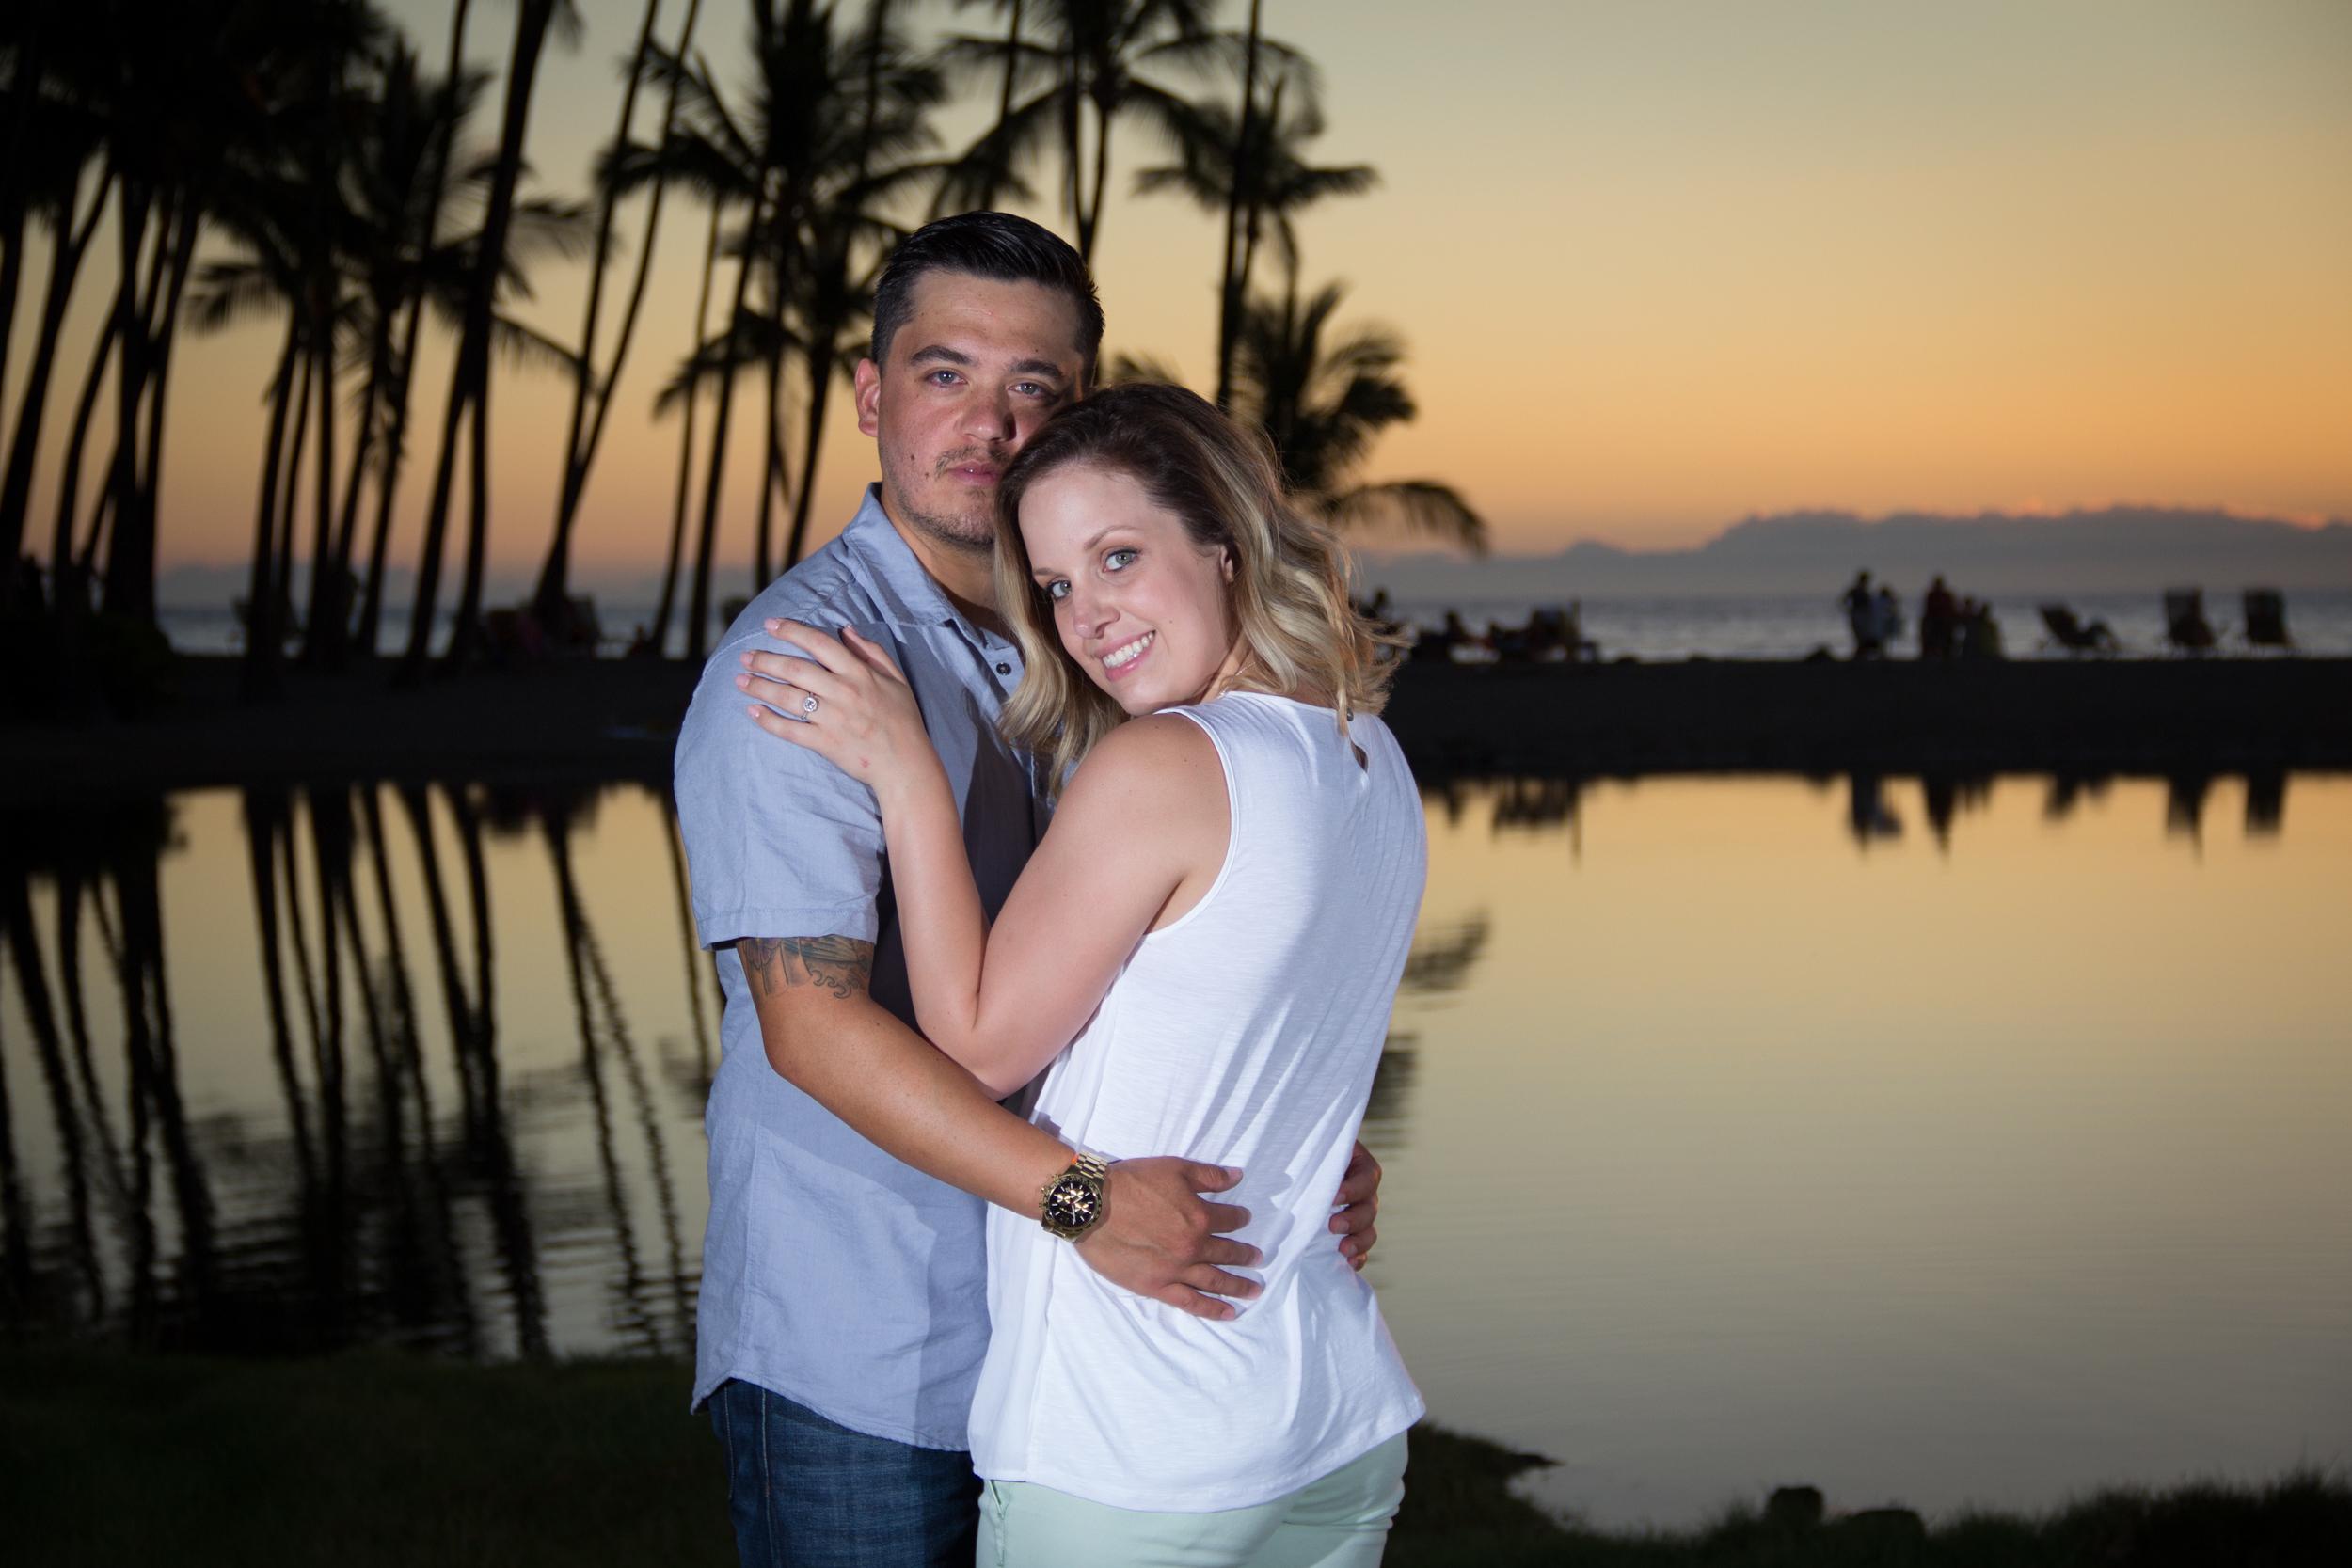 big island hawaii engagement photography 20150529185415-1.jpg